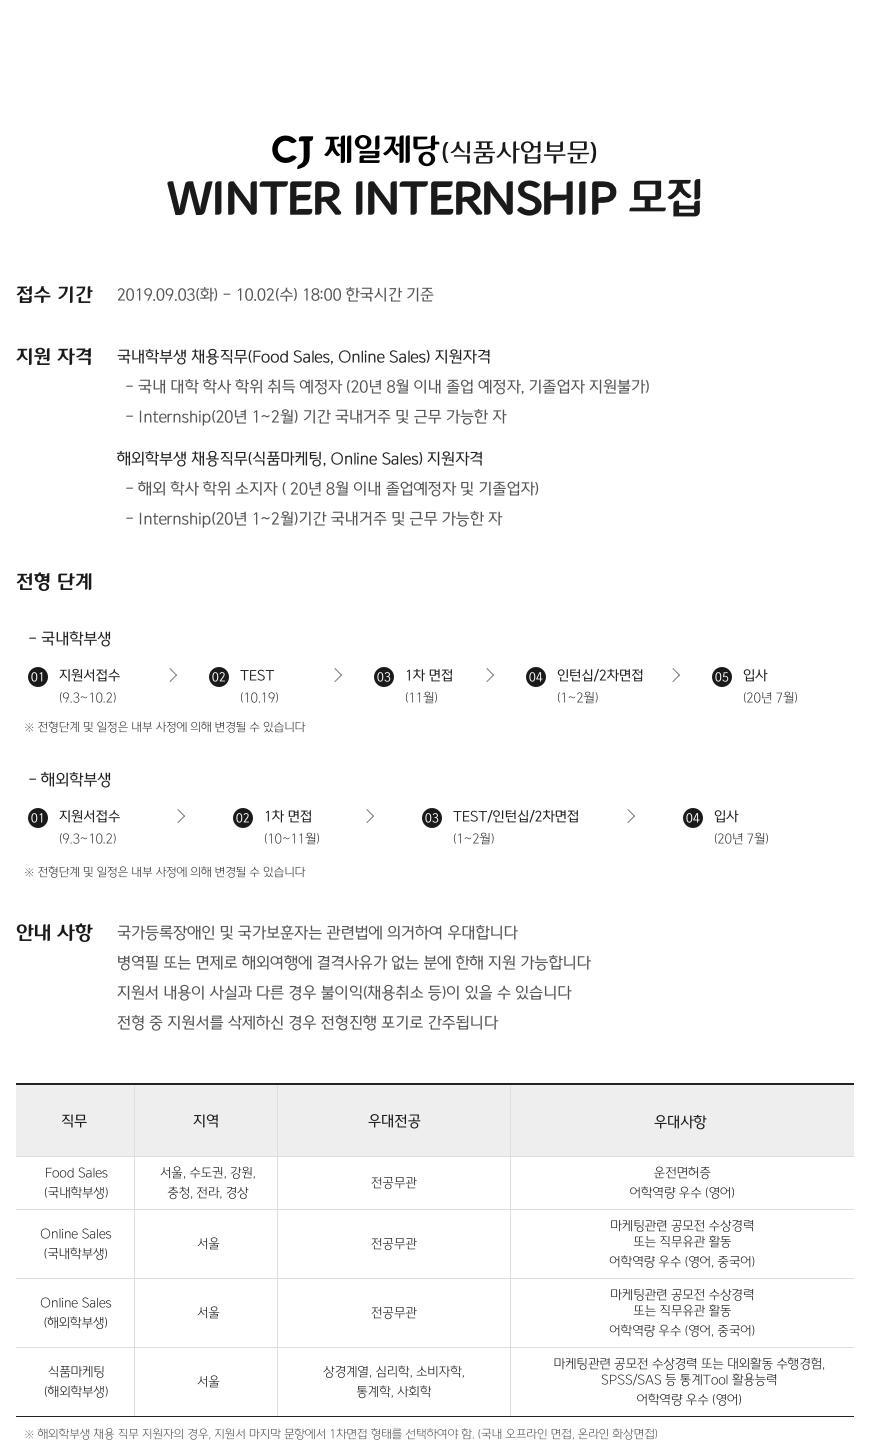 2019년 하반기 CJ제일제당(식품사업부문) WINTER INTERNSHIP